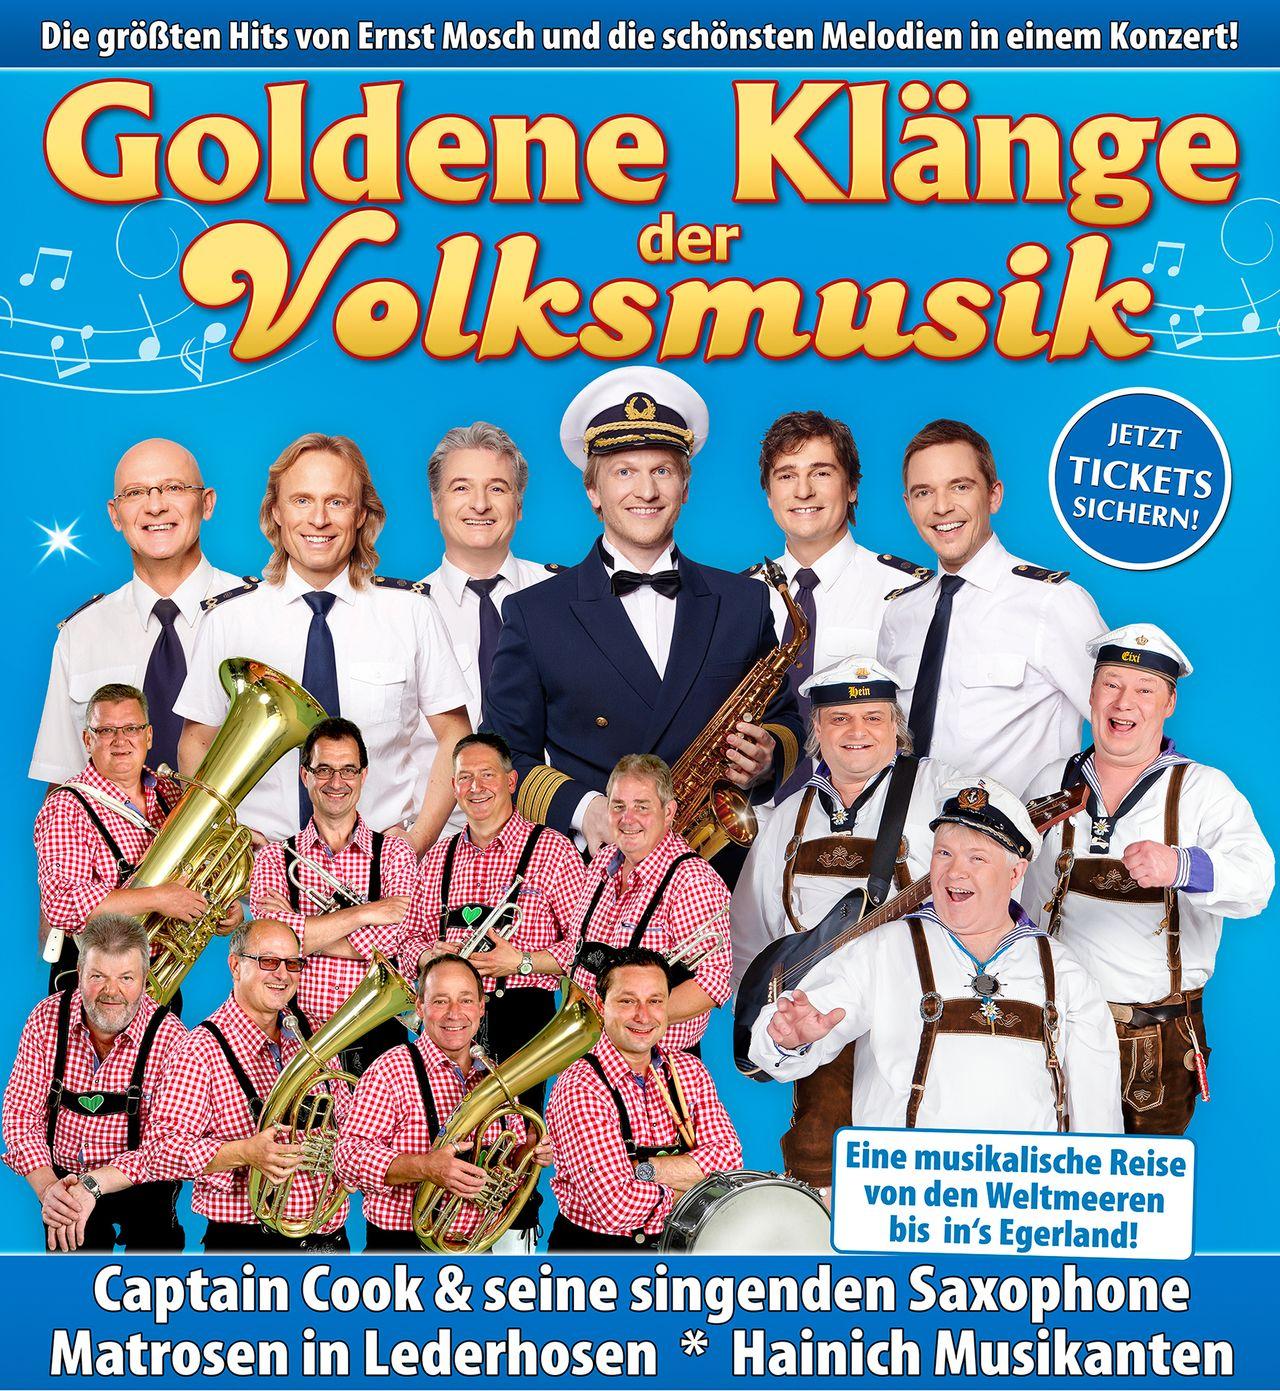 Die größten Hits von Ernst Mosch und die schönsten Melodien in einem Konzert.